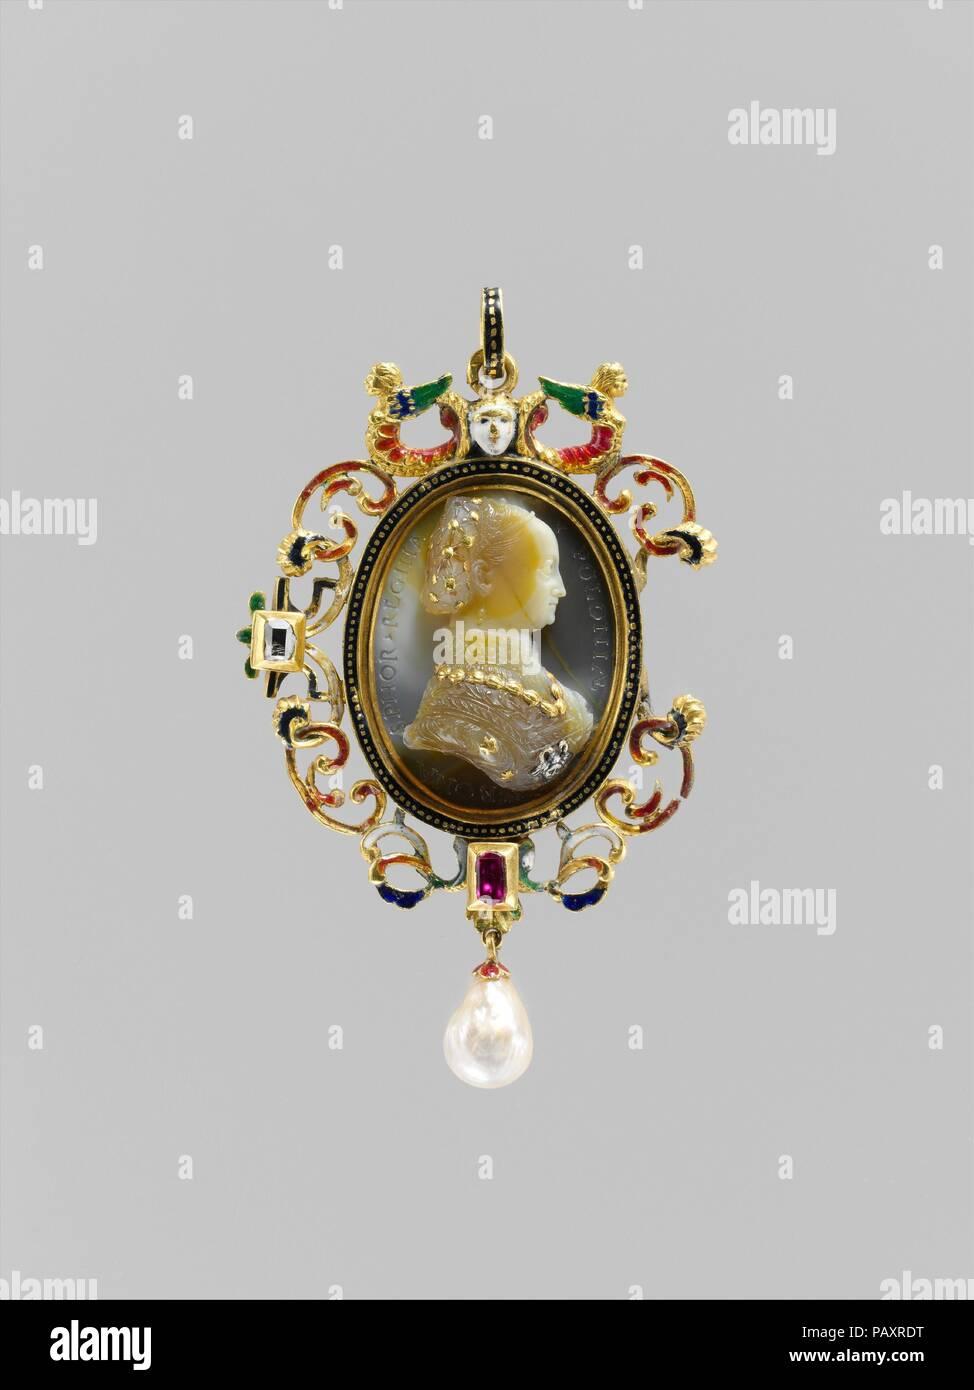 bona sforza 1493 1557 queen of poland culture polish krakow